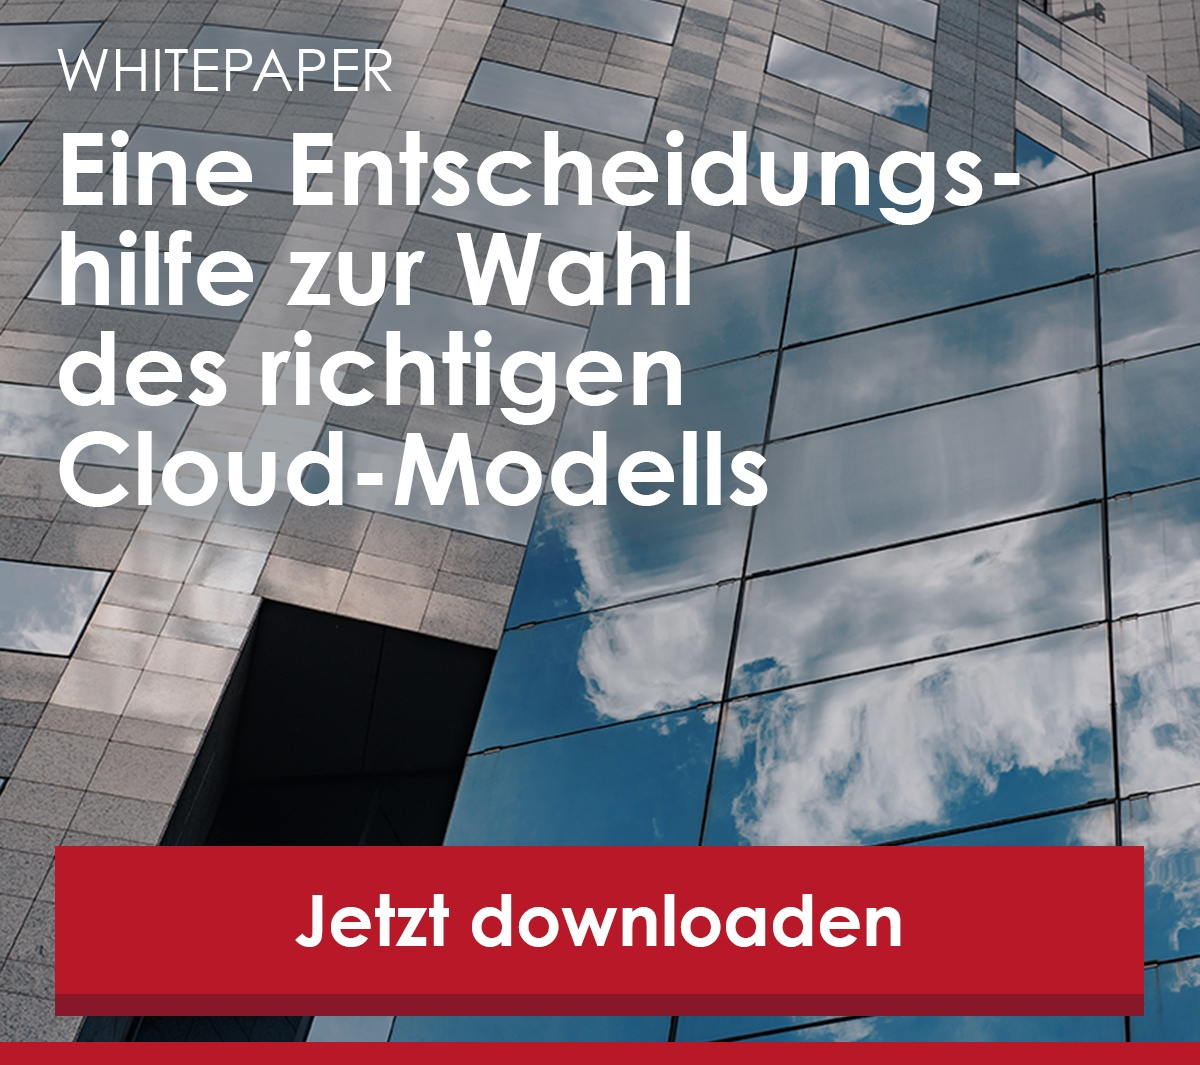 Zum Whitepaper Entscheidungshilfe Wahl Cloud-Modell